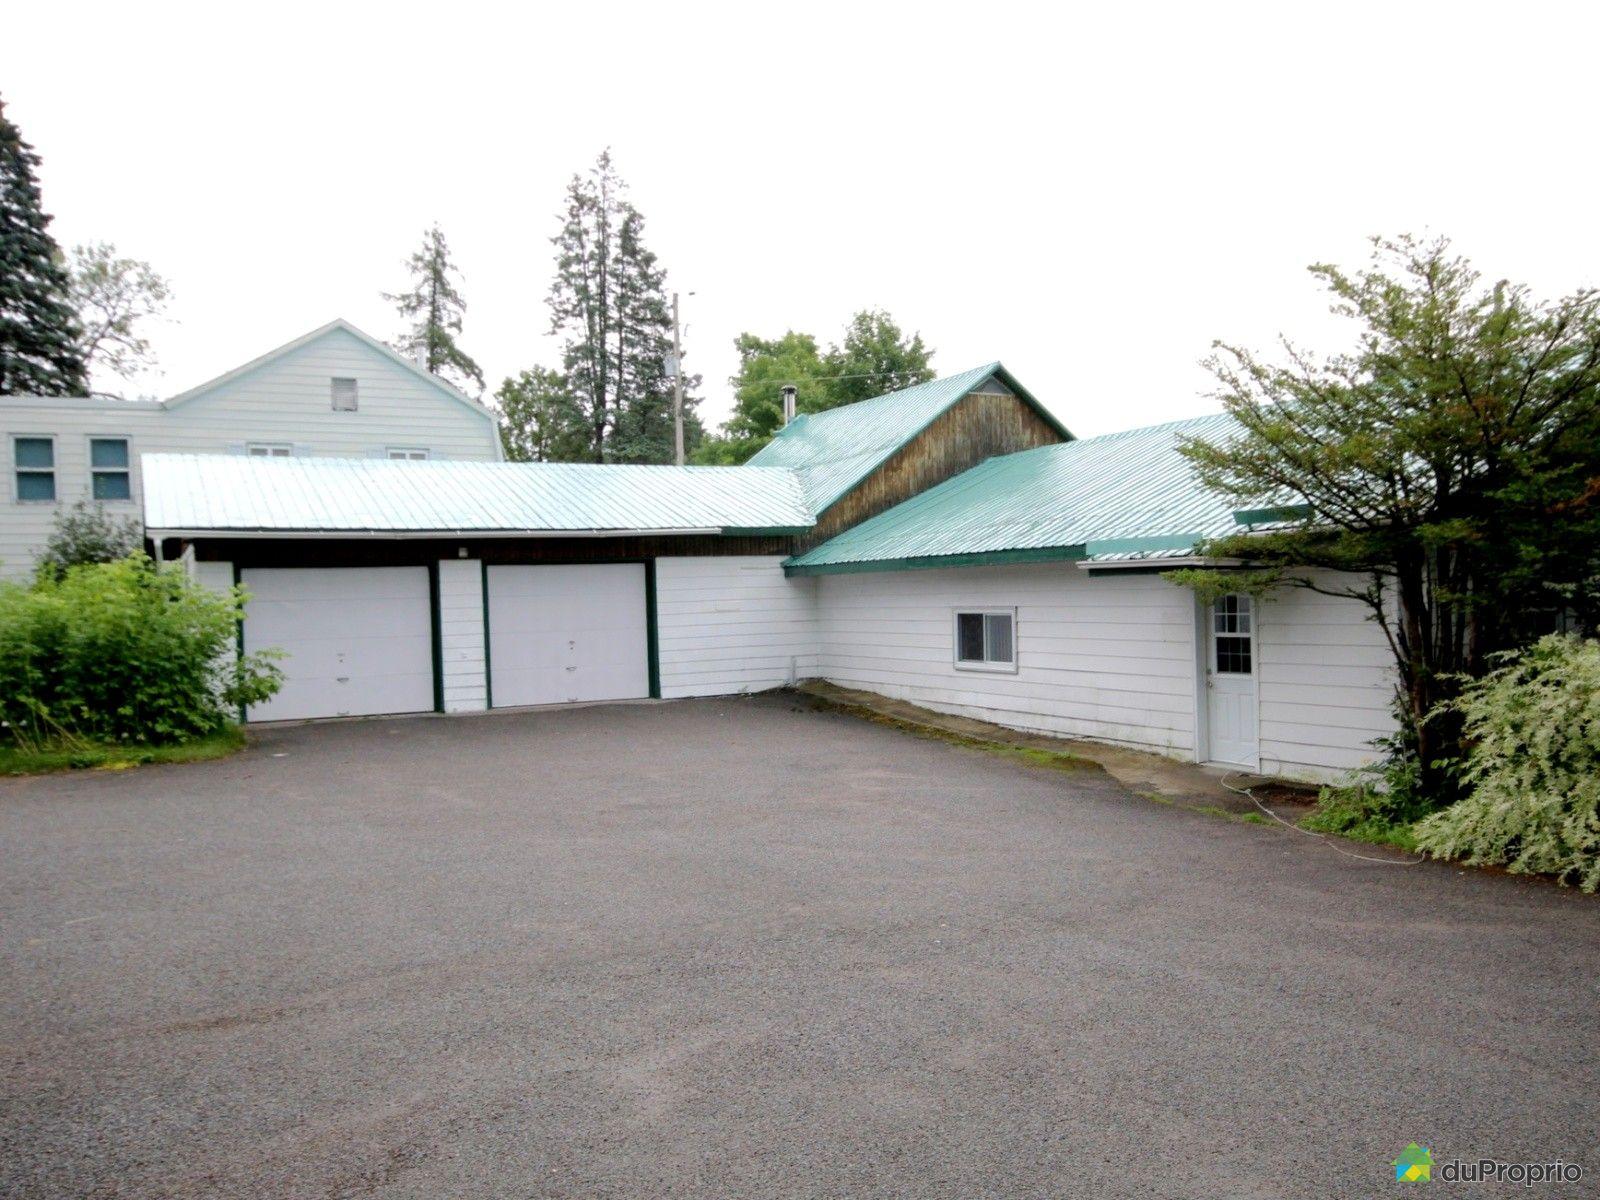 Maison vendre loretteville 216 rue georges cloutier immobilier qu bec d - Maison commercial a vendre ...